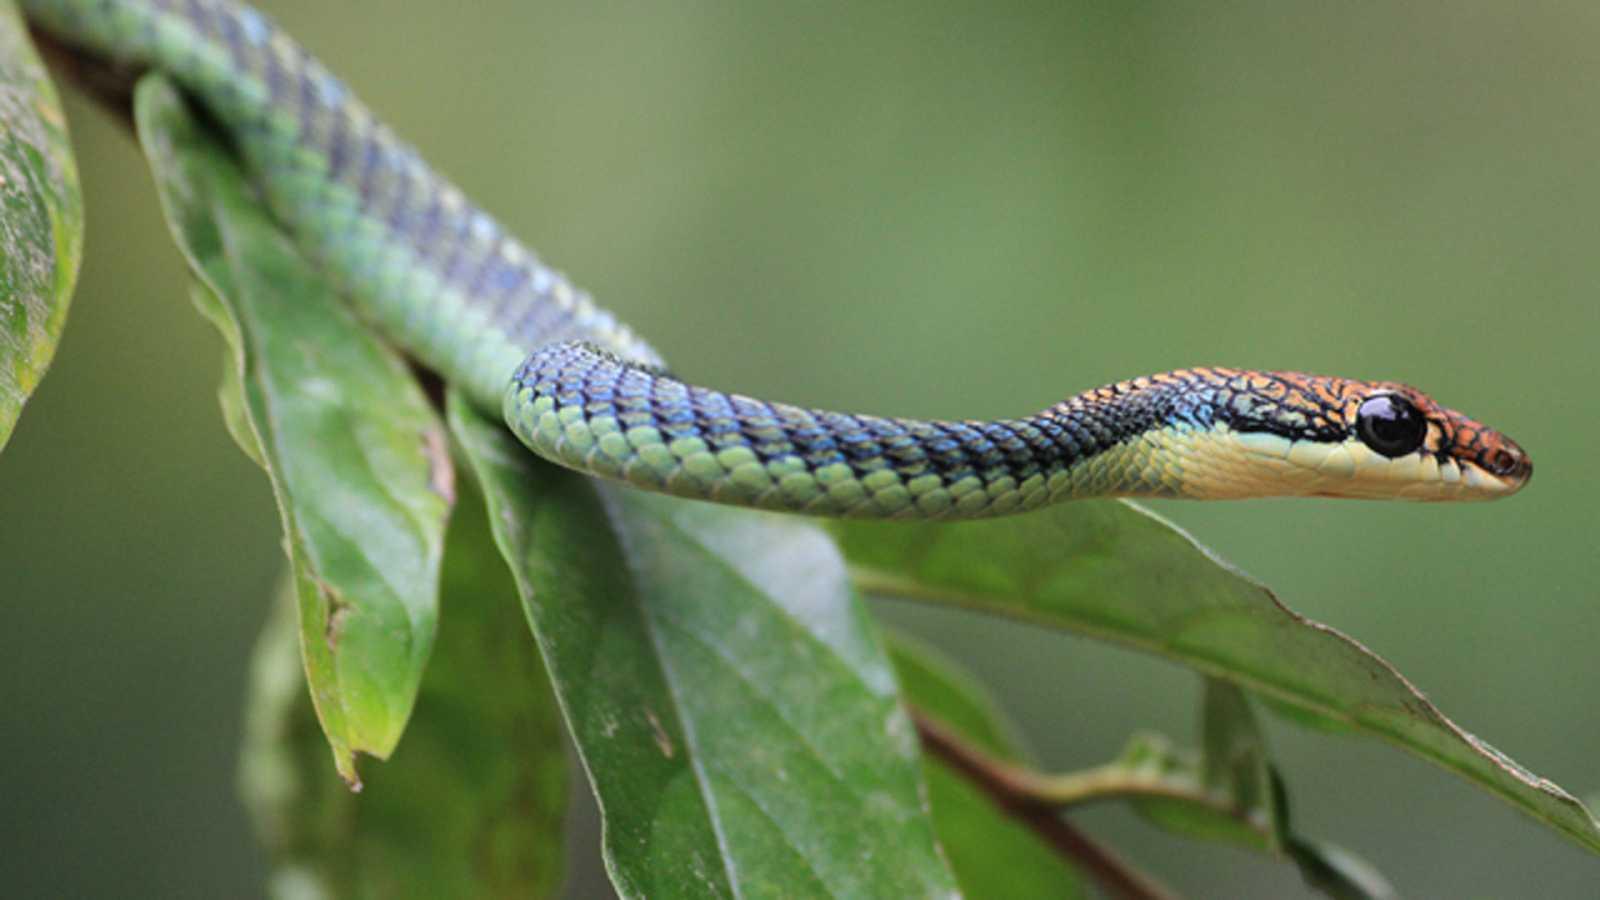 Grandes documentales - El reino secreto de Borneo: La selva de las serpientes voladoras - ver ahora